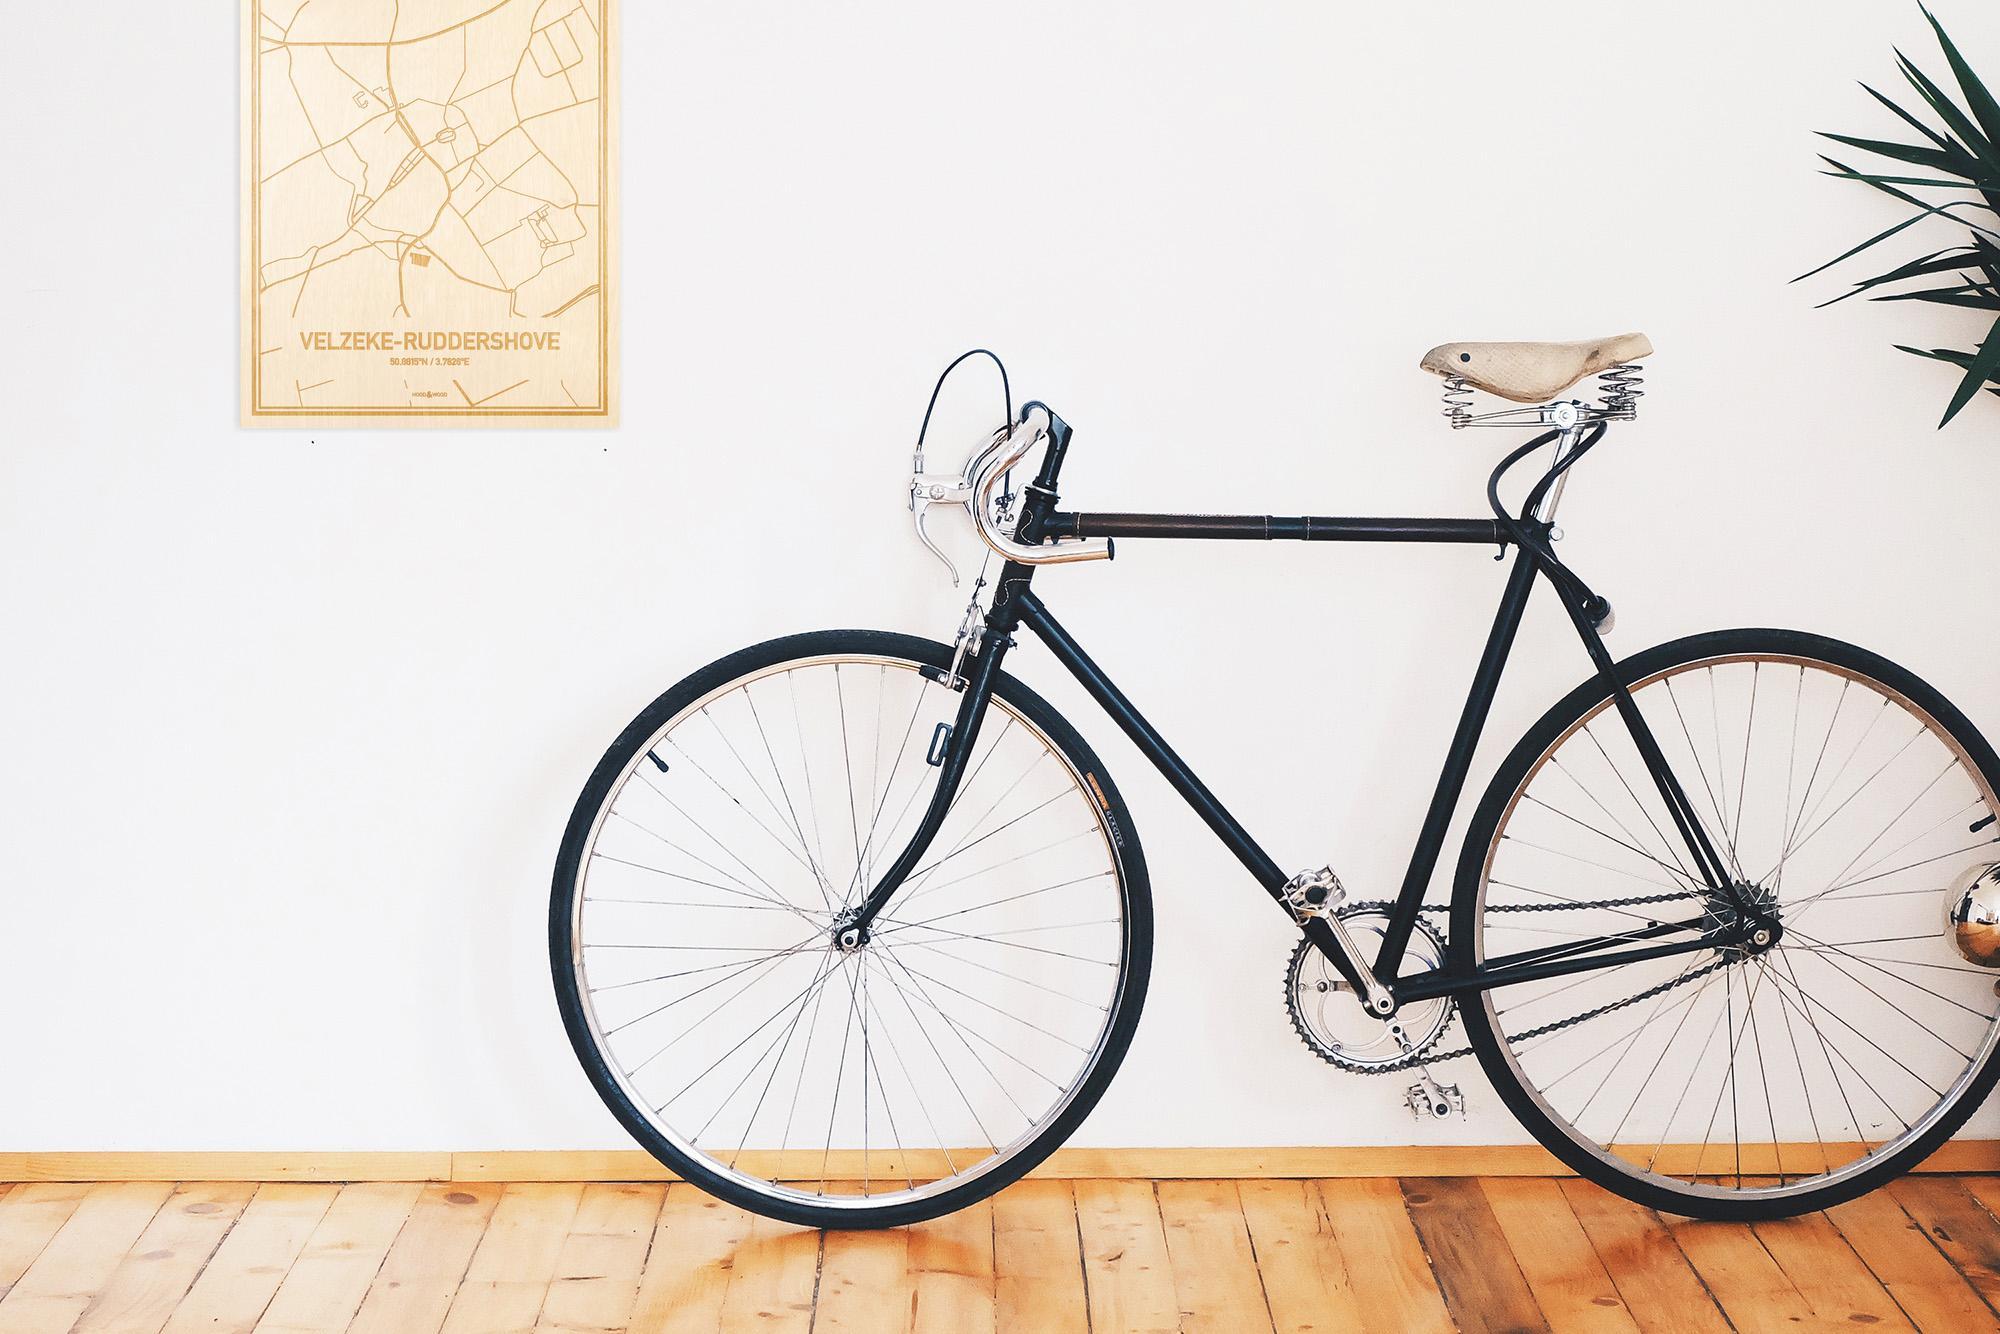 Een snelle fiets in een uniek interieur in Oost-Vlaanderen  met mooie decoratie zoals de plattegrond Velzeke-Ruddershove.